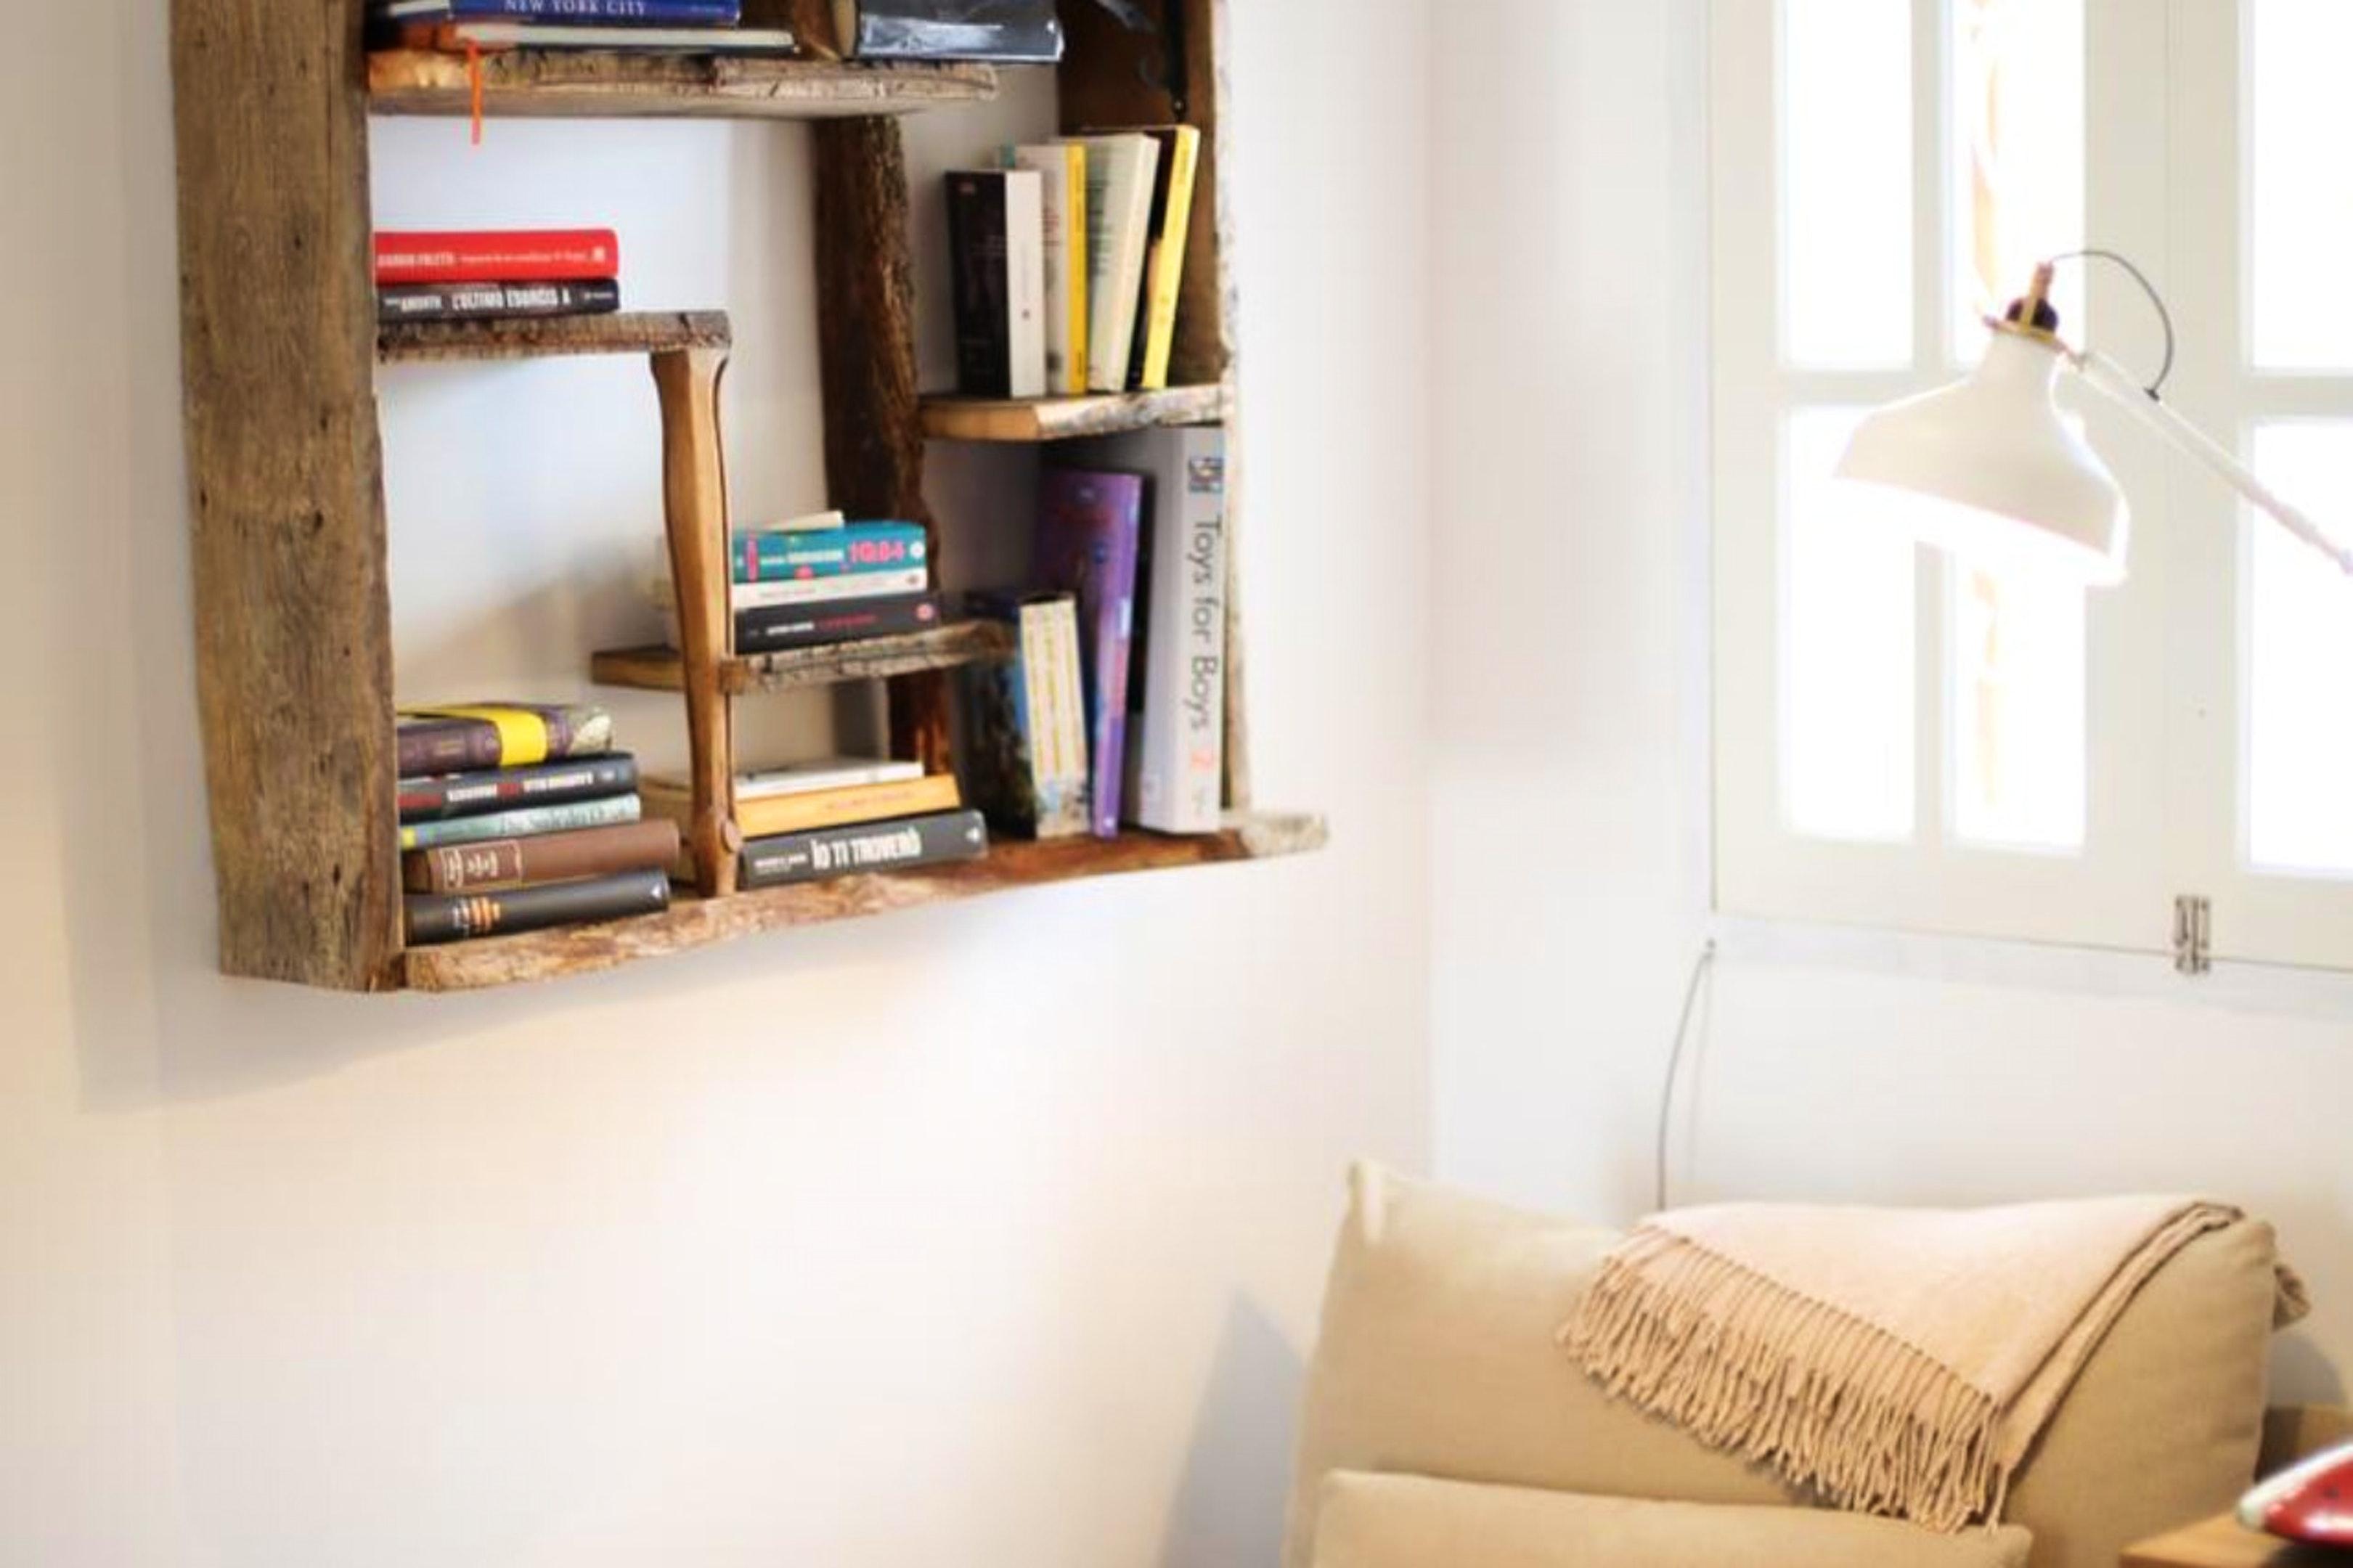 Maison de vacances Haus mit 4 Schlafzimmern in Sant Francesc Xavier mit Terrasse und W-LAN (2700592), San Francisco Javier, Formentera, Iles Baléares, Espagne, image 37